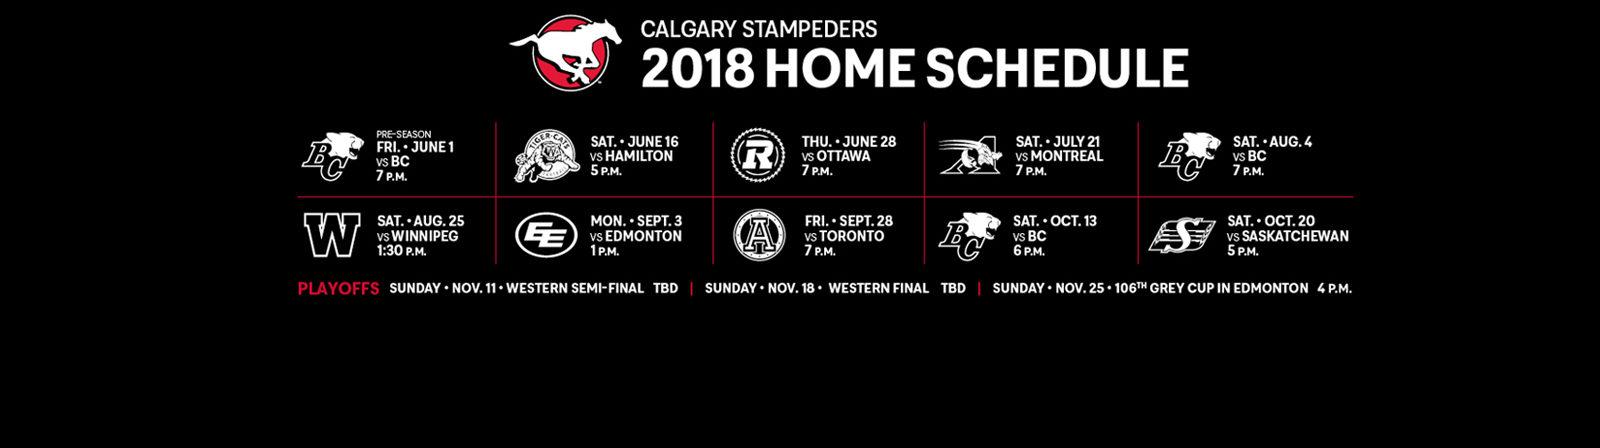 Stampeders Announce 2018 Schedule Calgary Stampeders